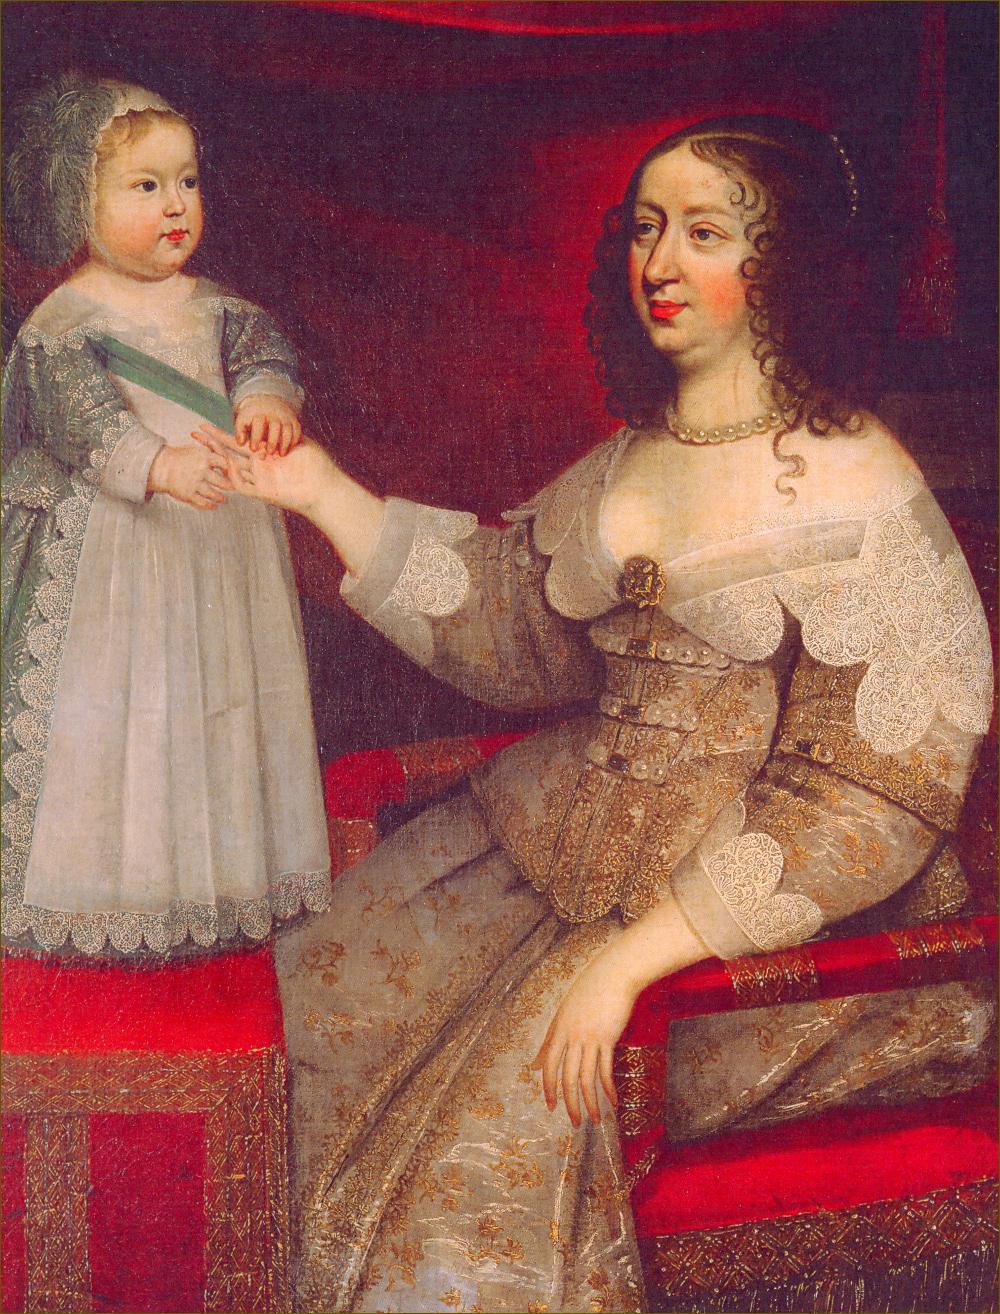 Louis XIV, roi de France, avec sa mère Anne d'Autriche, reine de France